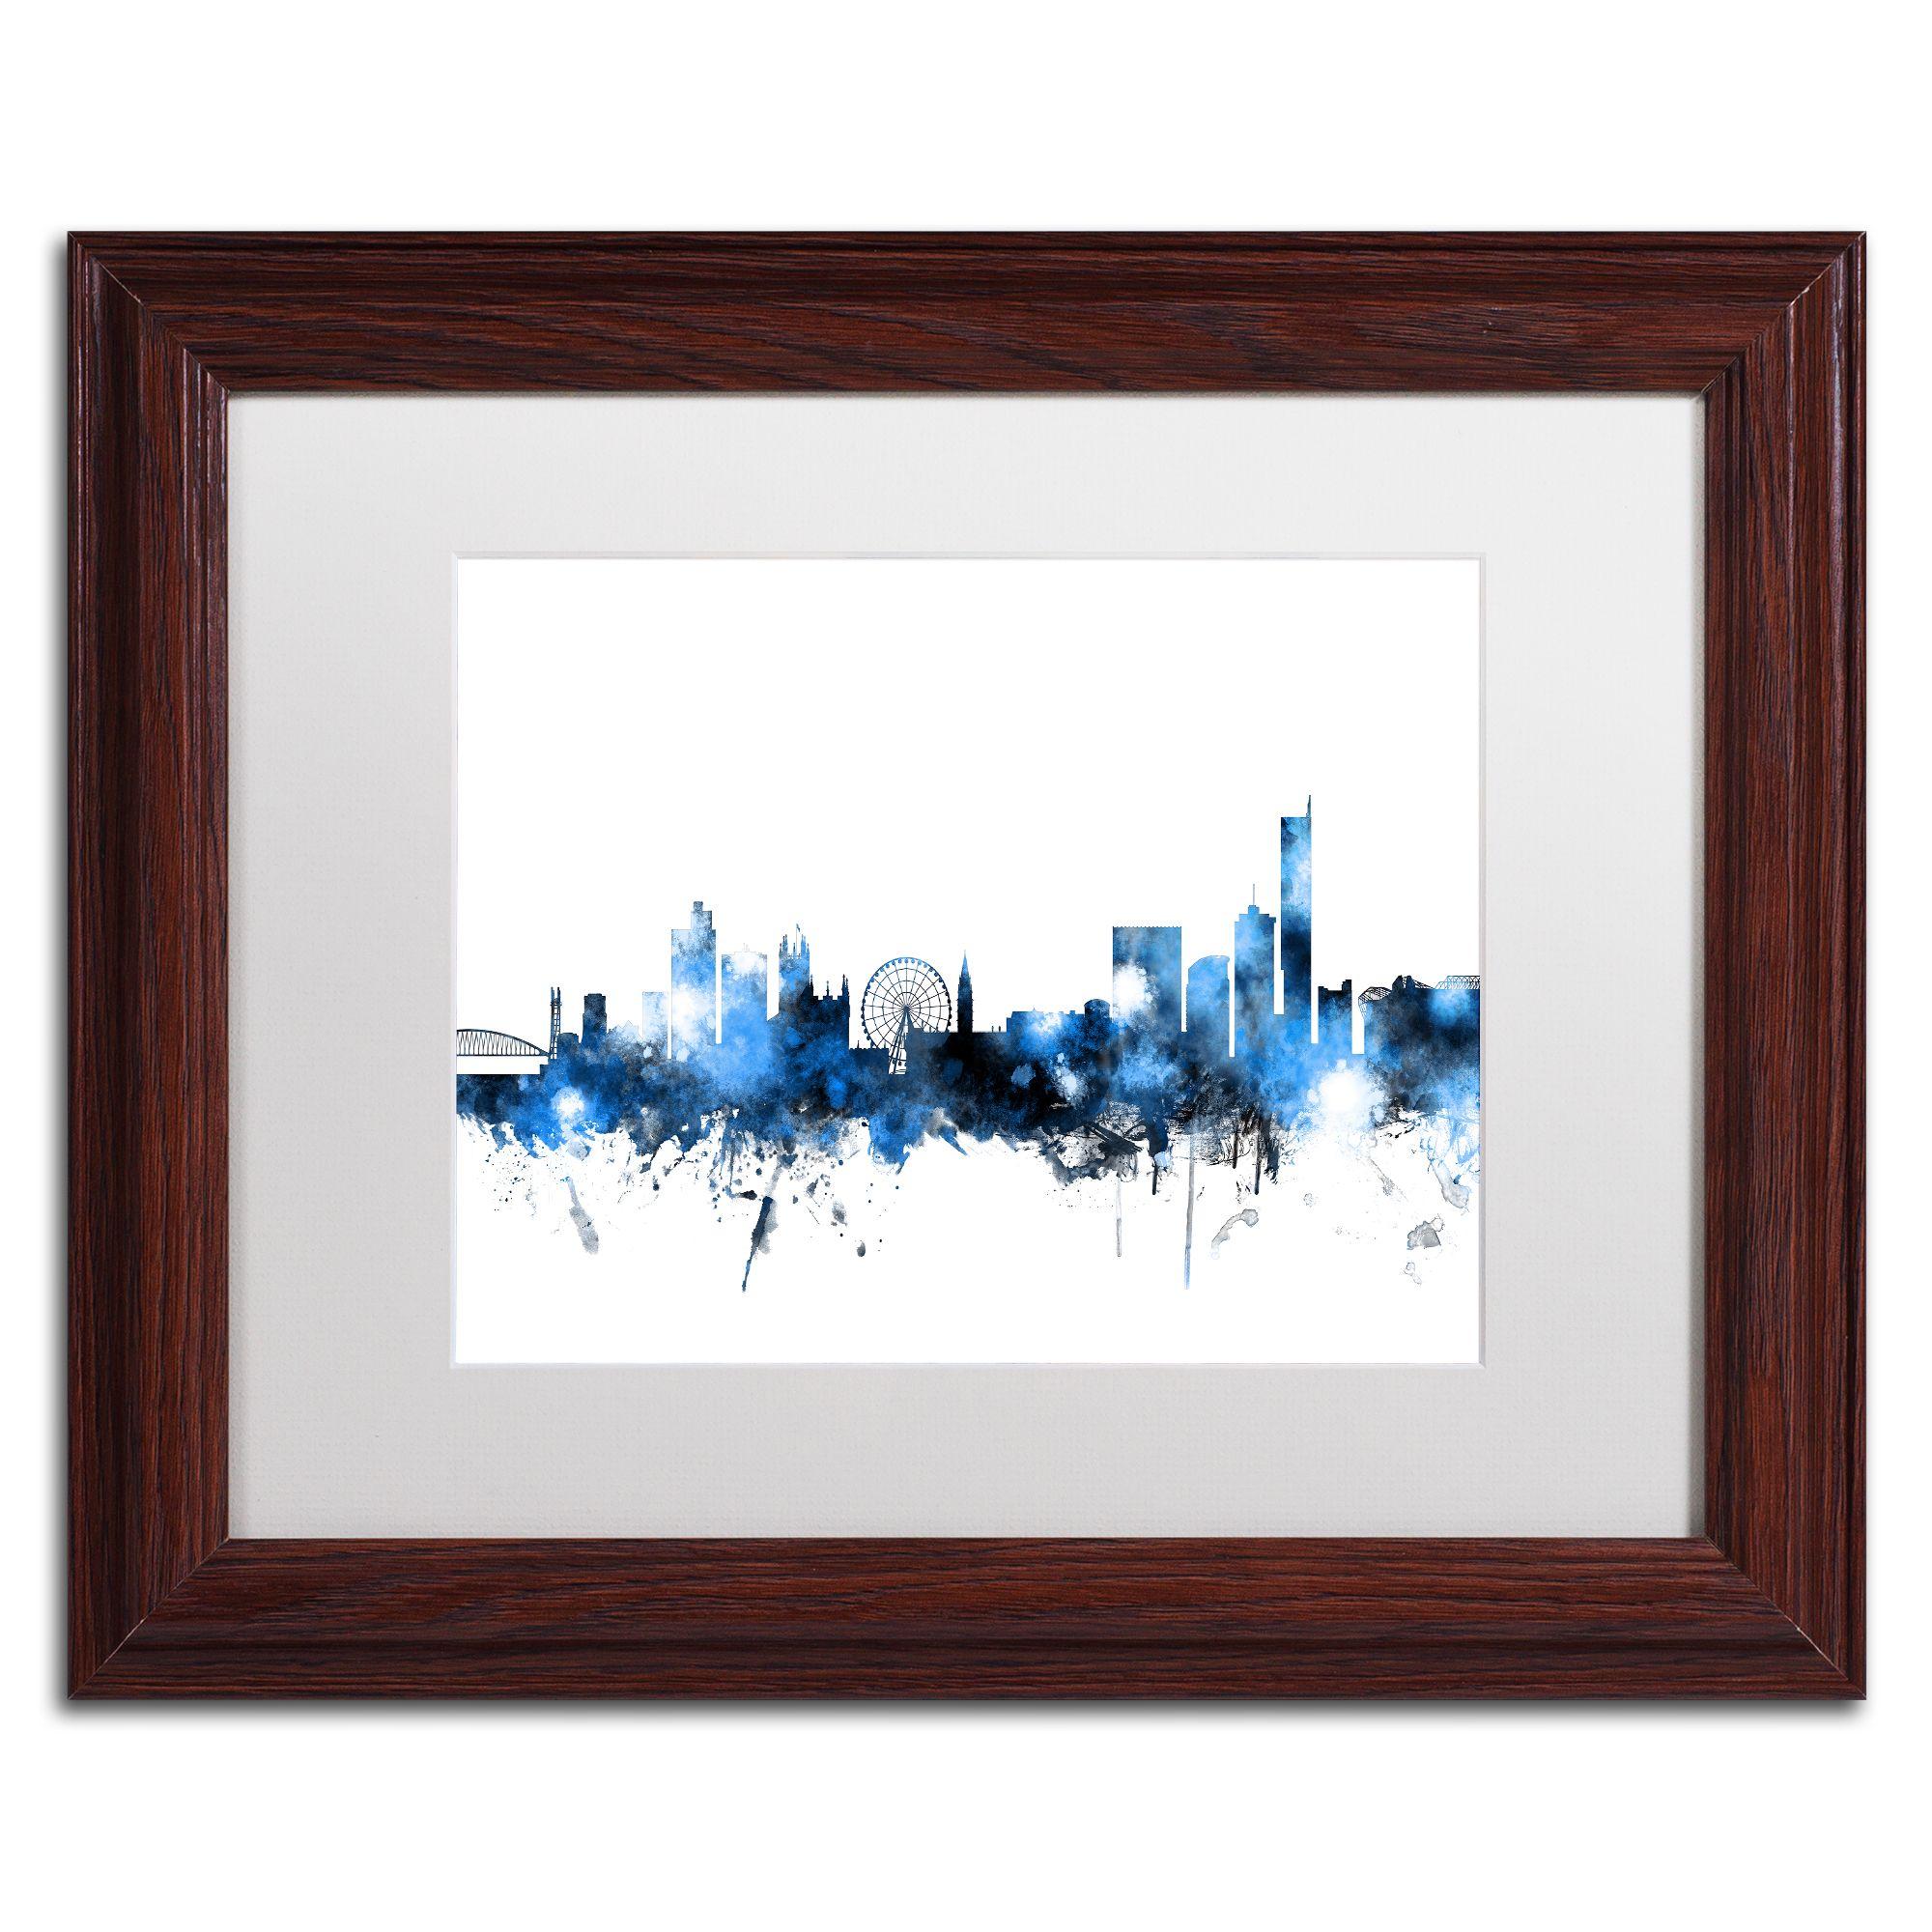 Michael Tompsett 'Manchester Skyline ' Matted Framed Art